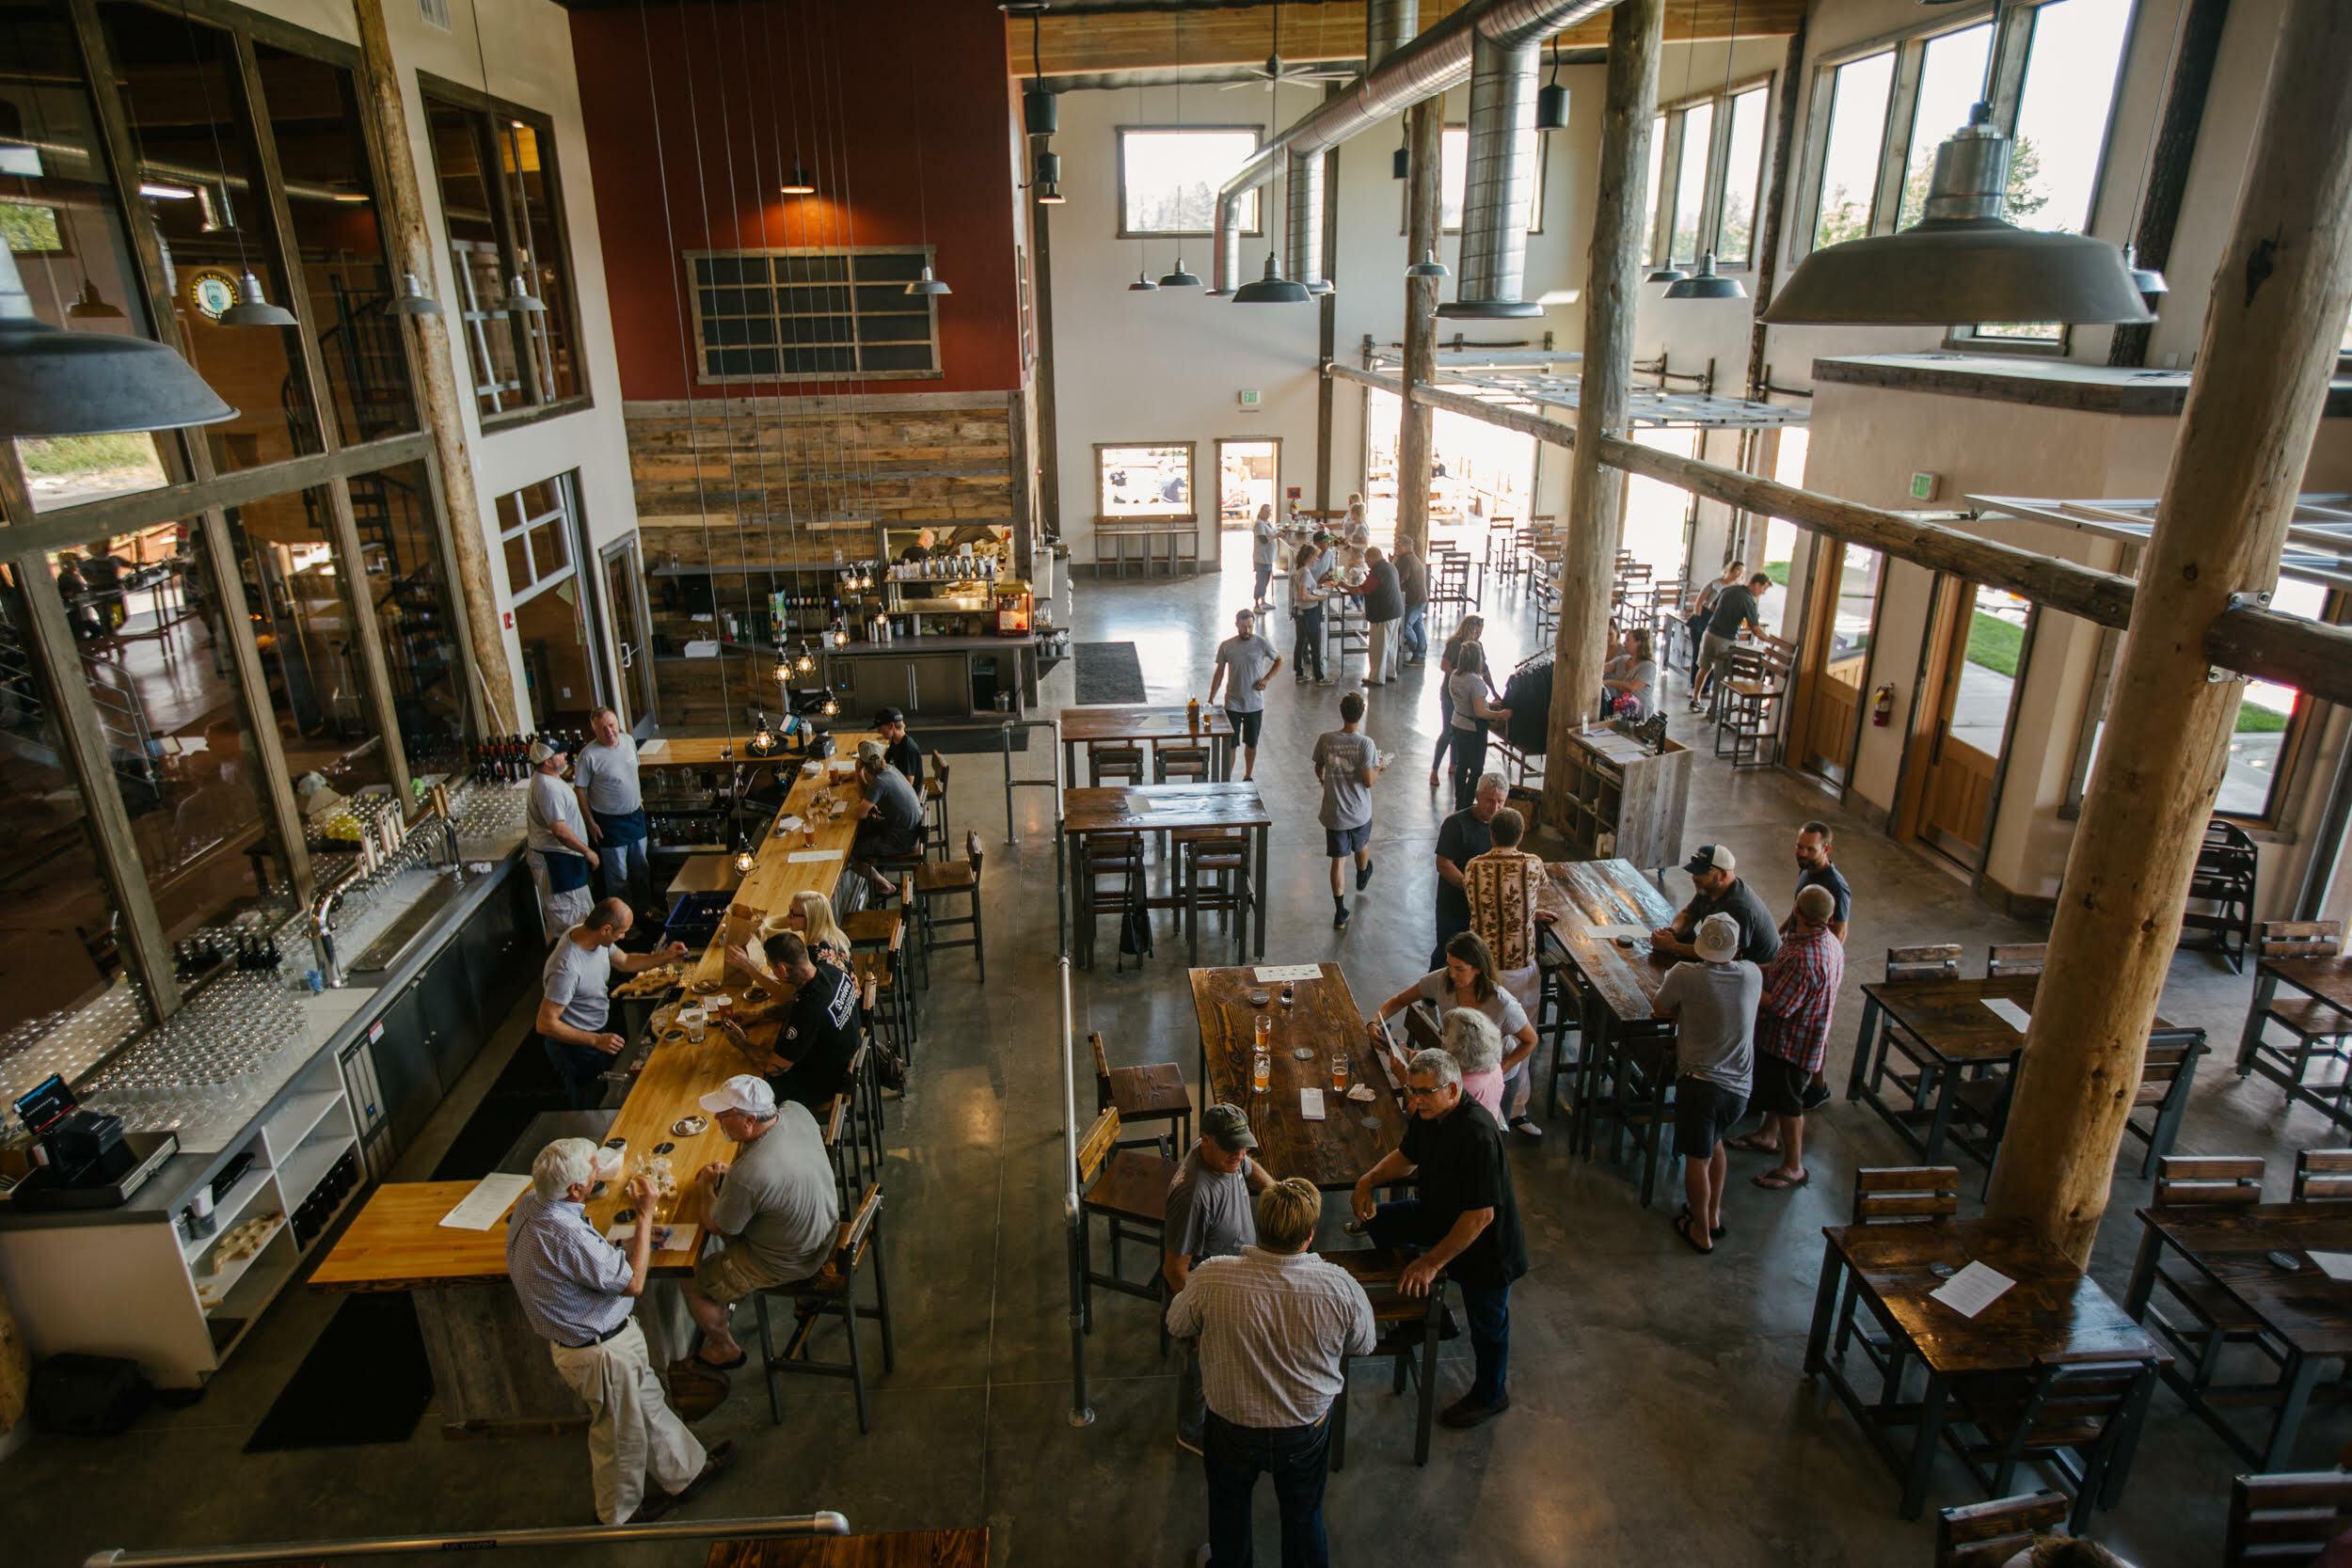 SJI Brewery inside